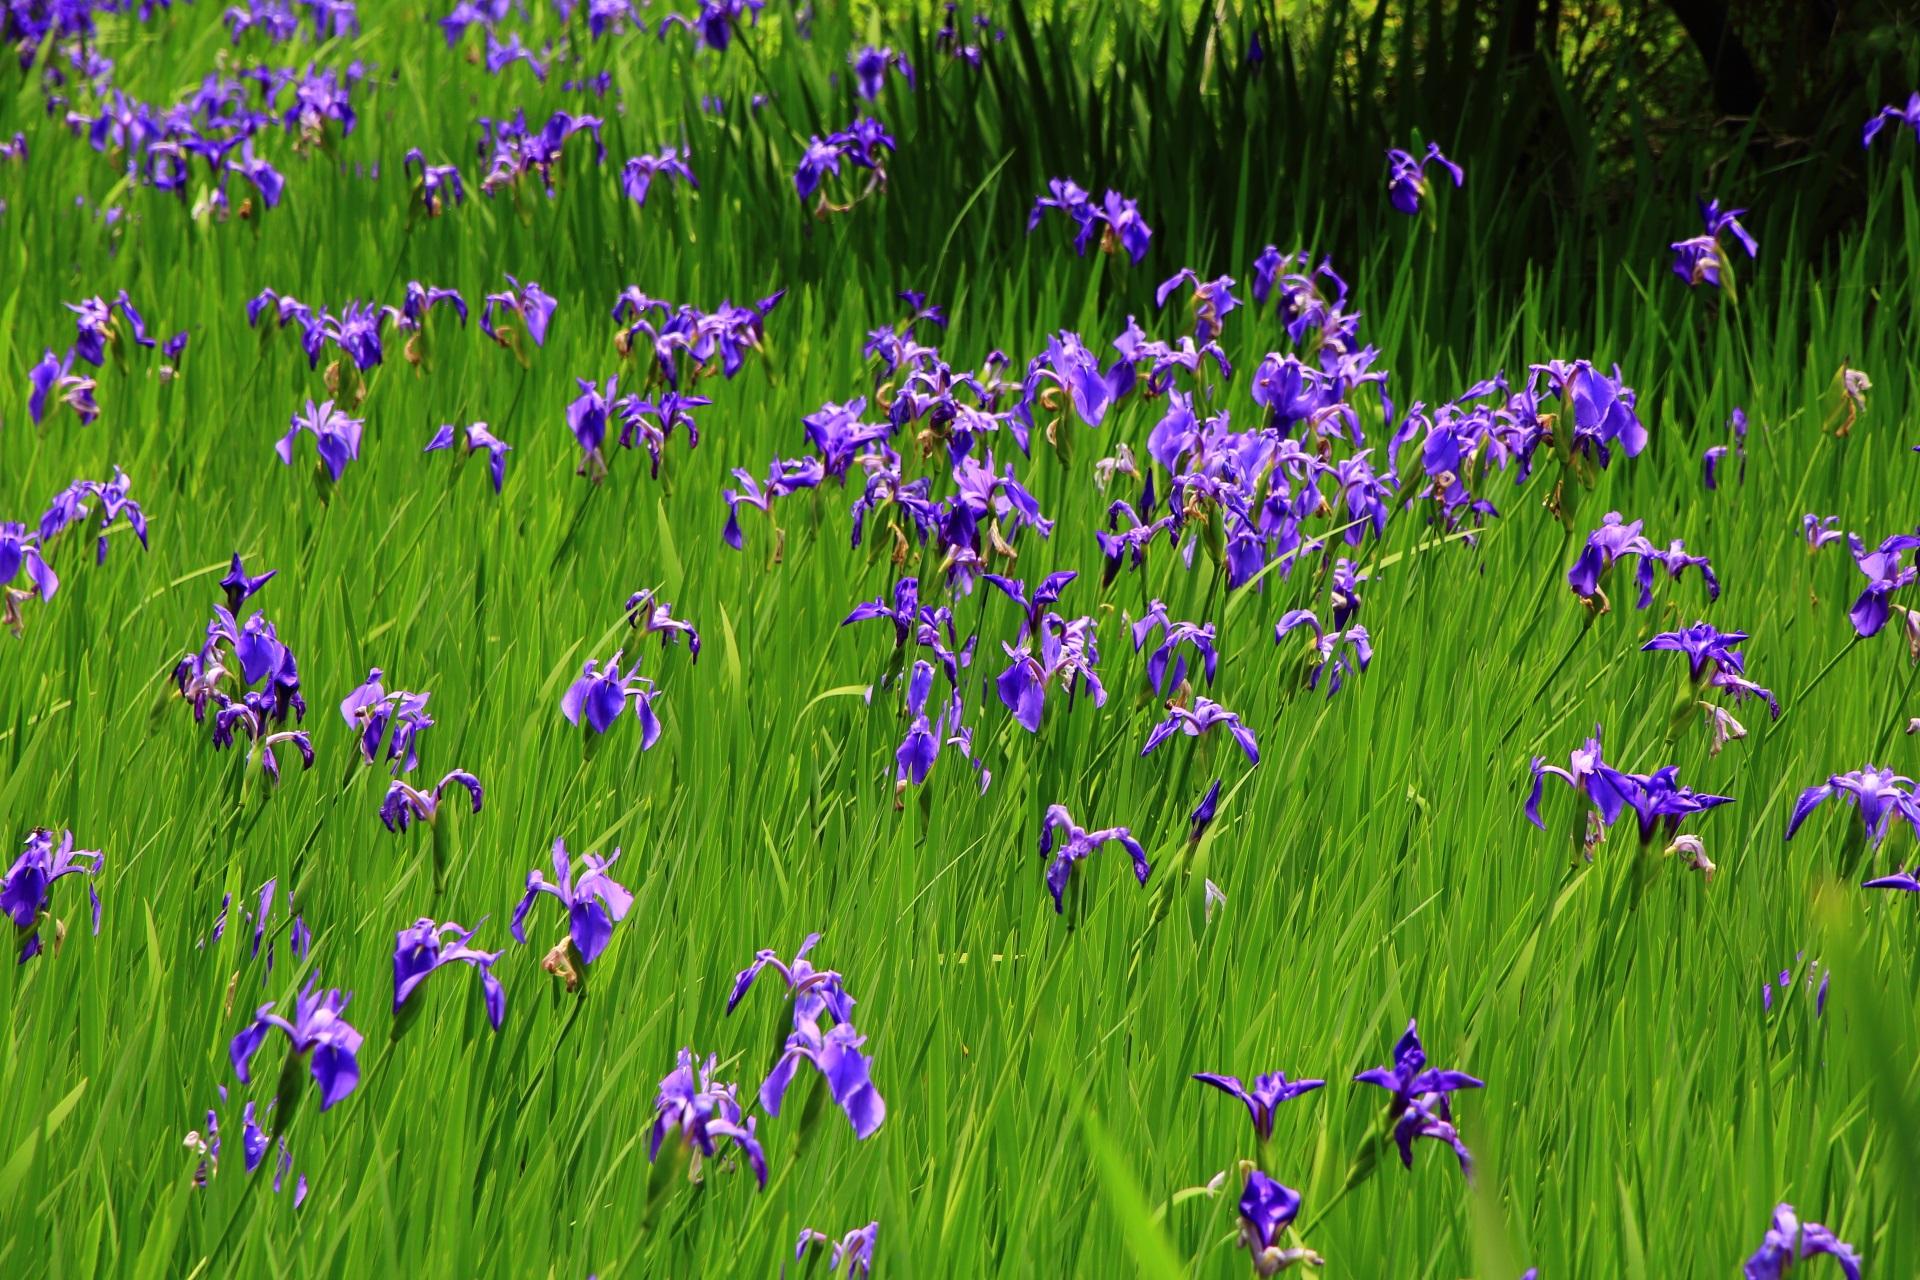 緑の中で揺らめく紫の杜若の花